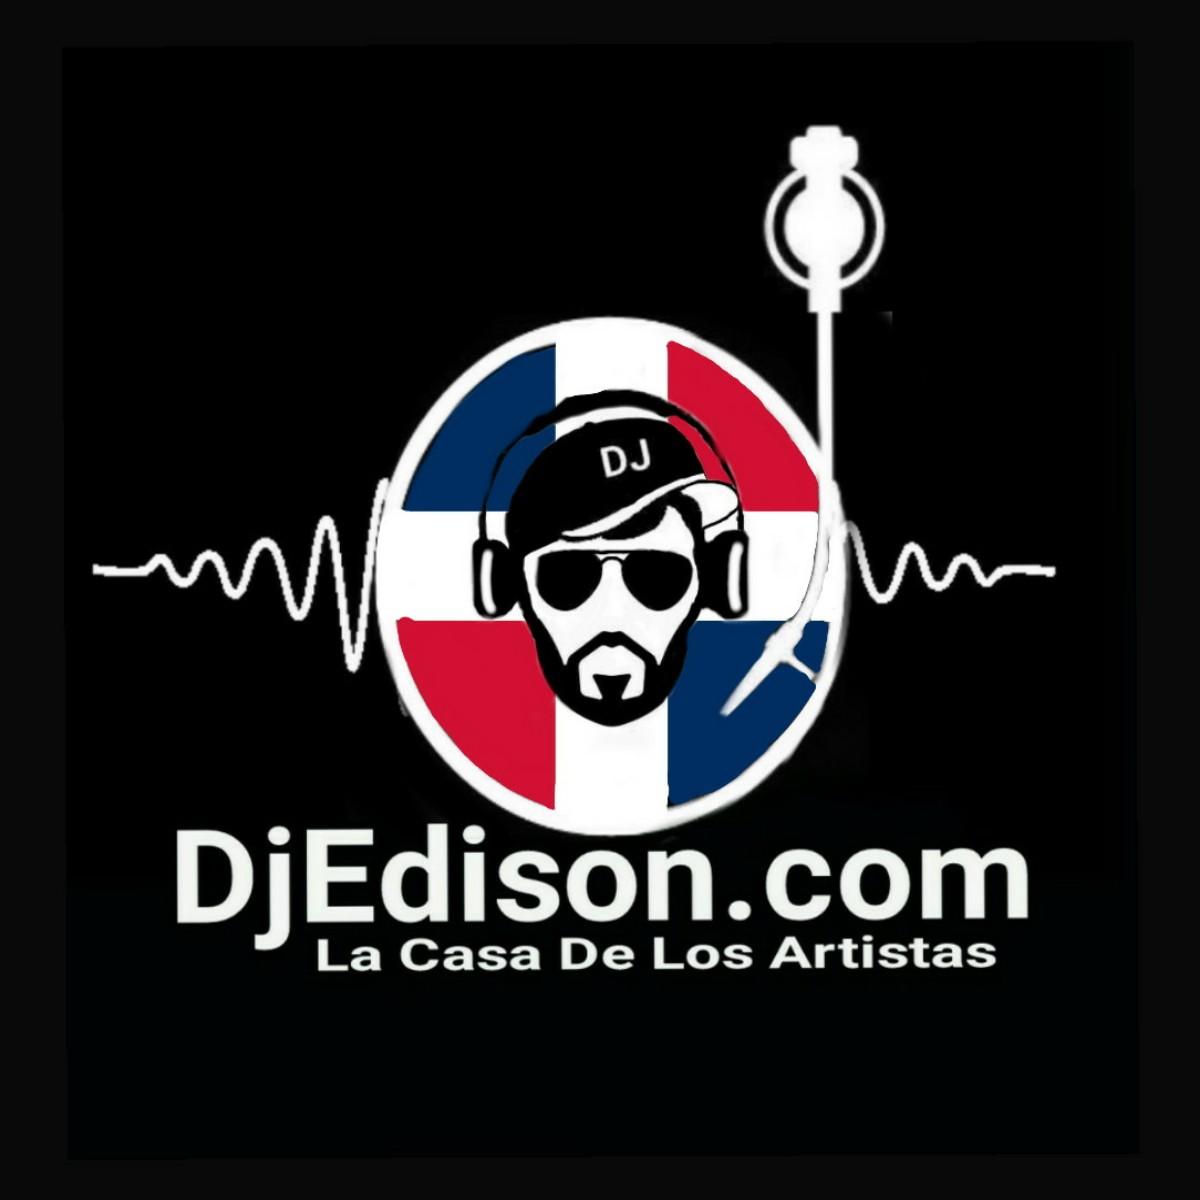 DJEdison.com